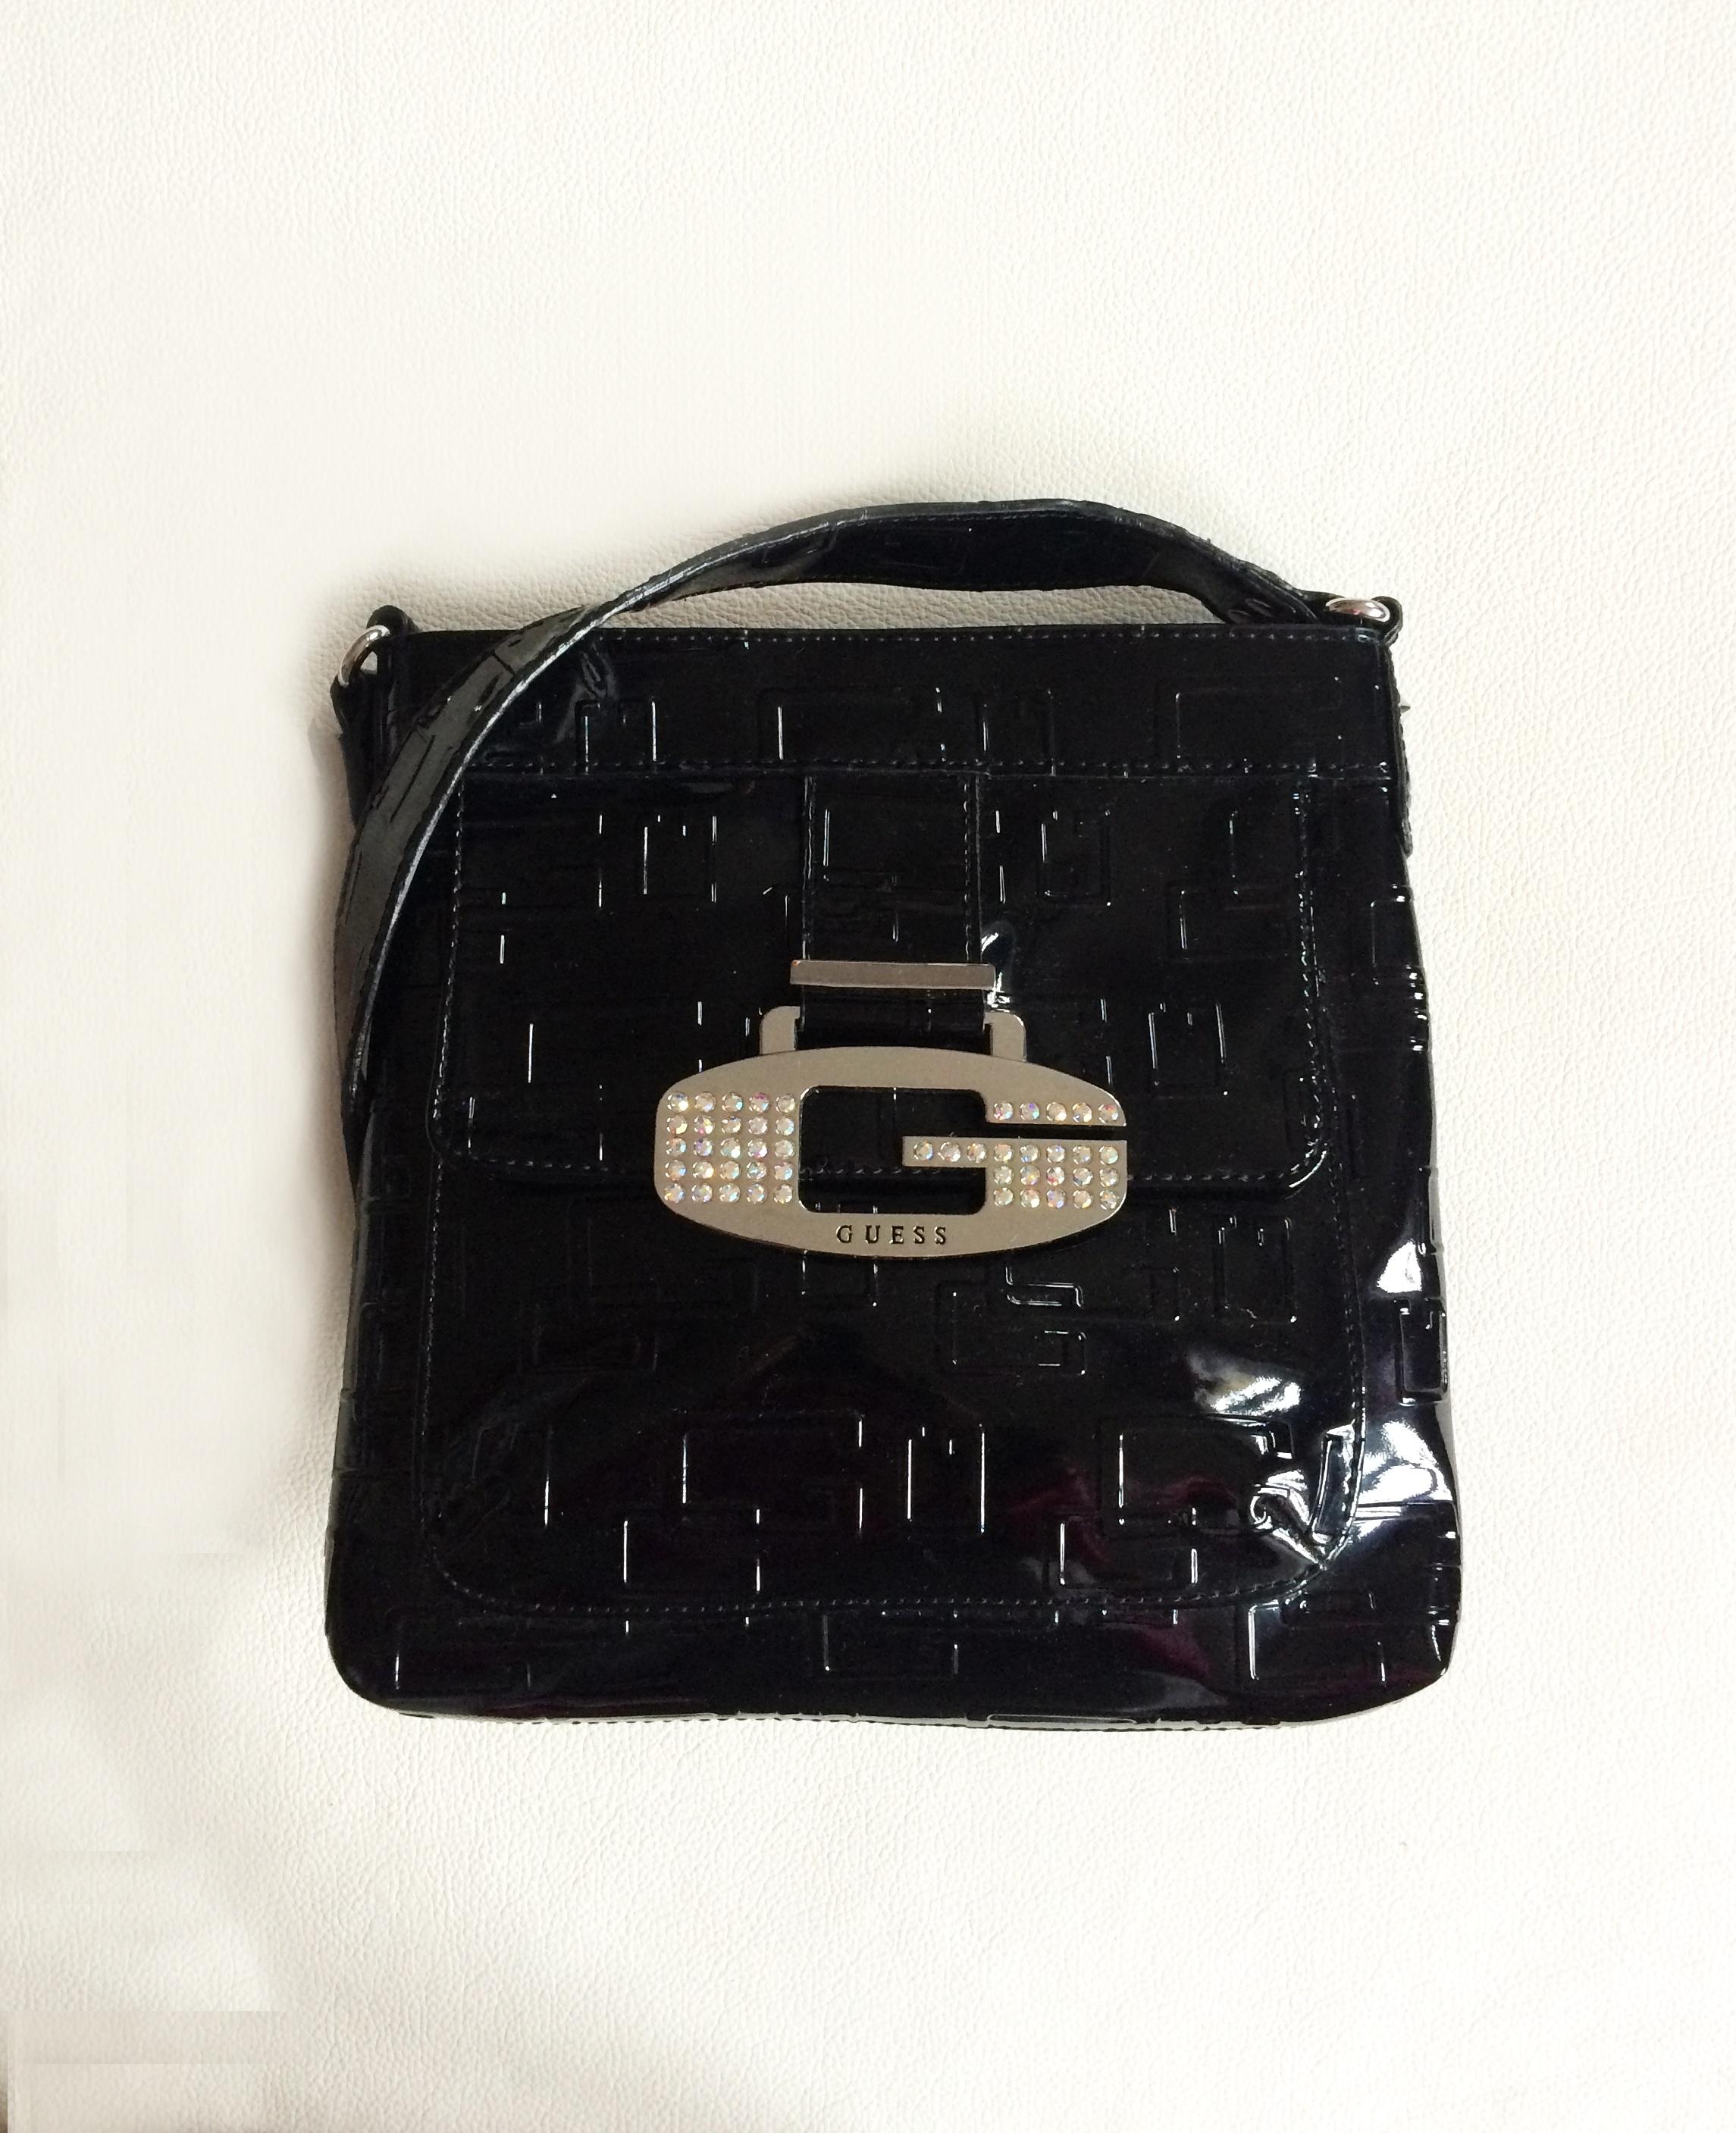 1f3408df8eec Kabelky  dámská kabelka Guess logo world mini černá crossbody